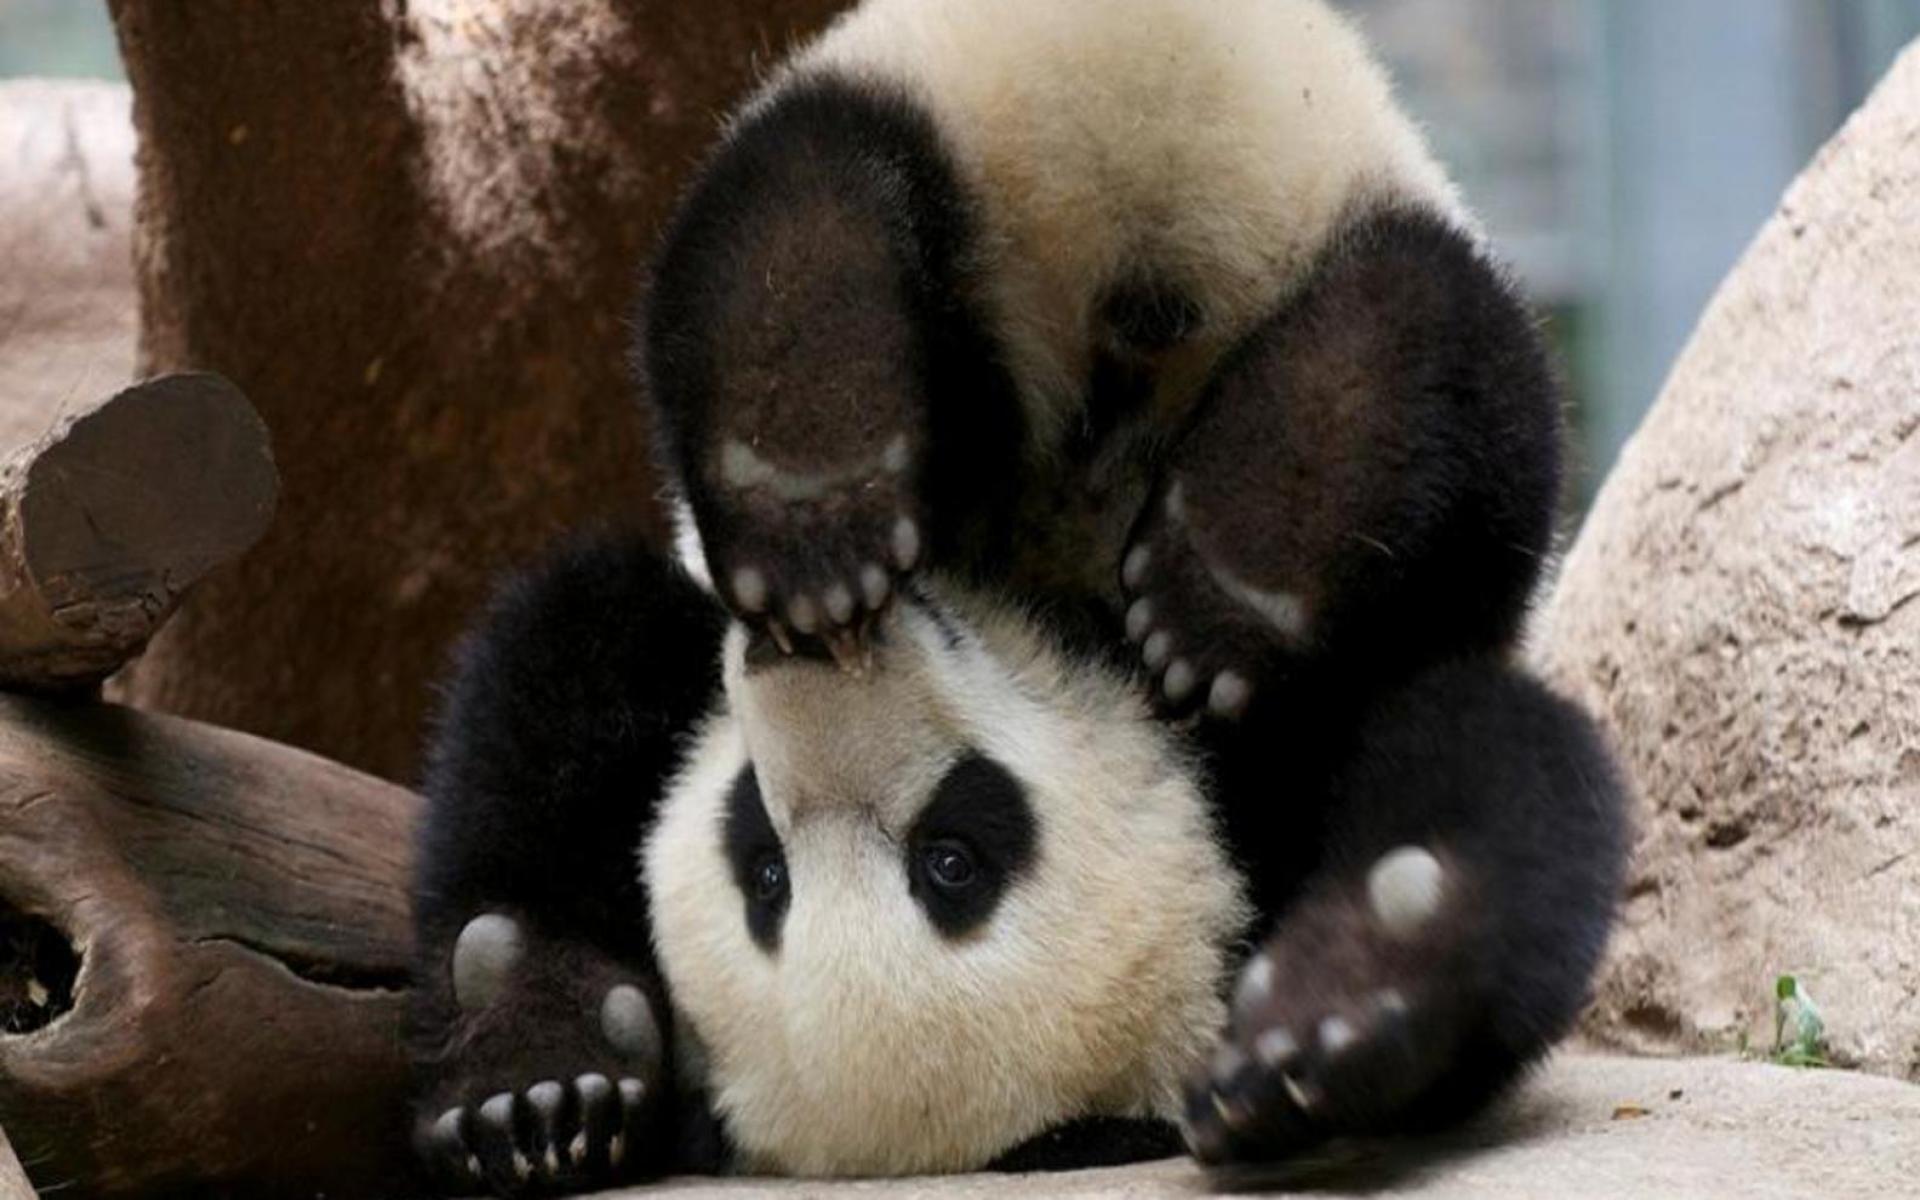 Panda pandas baer bears baby cute 72 wallpaper 1920x1200 364497 1920x1200